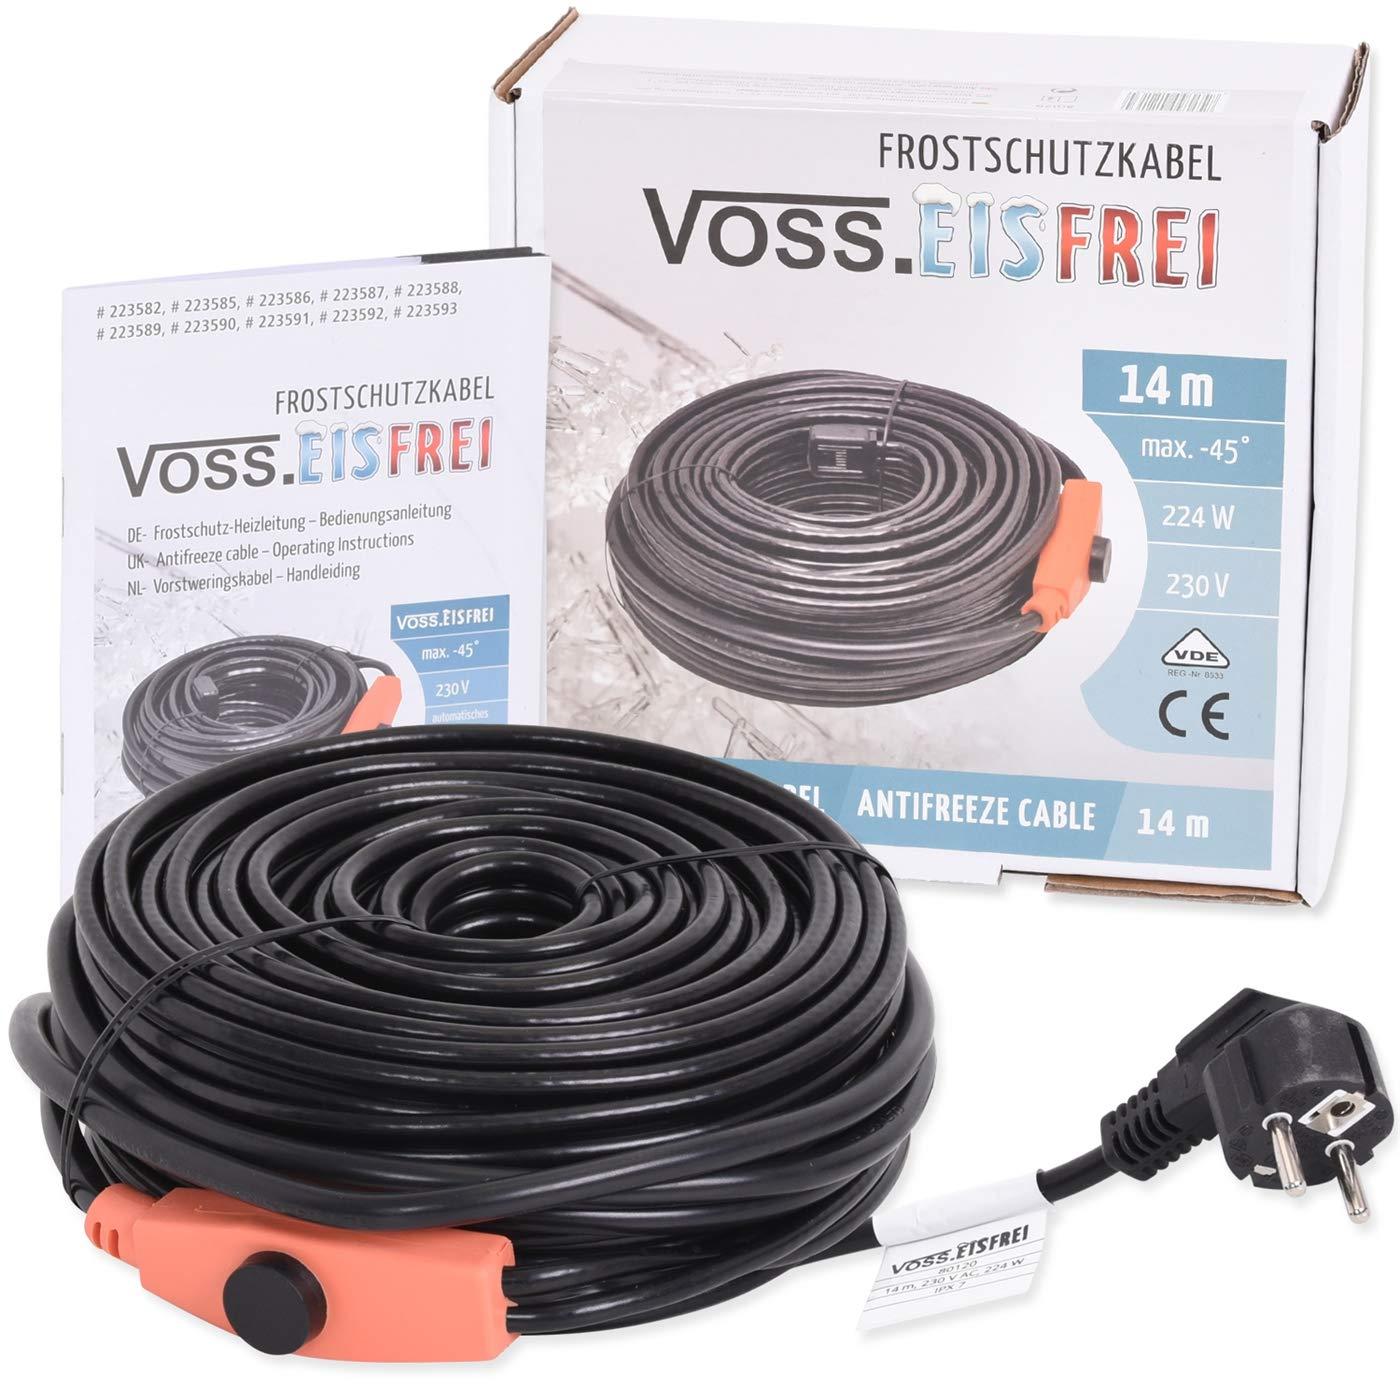 Frostschutz Heizkabel mit Knopf-Thermostat | VOSS.eisfrei | 1m 2m 4m 8m 12m 14m 18m 24m 37m 49m | 230V | Heizleitung Zum Schutz von Wasserleitungen und Weideträ nken